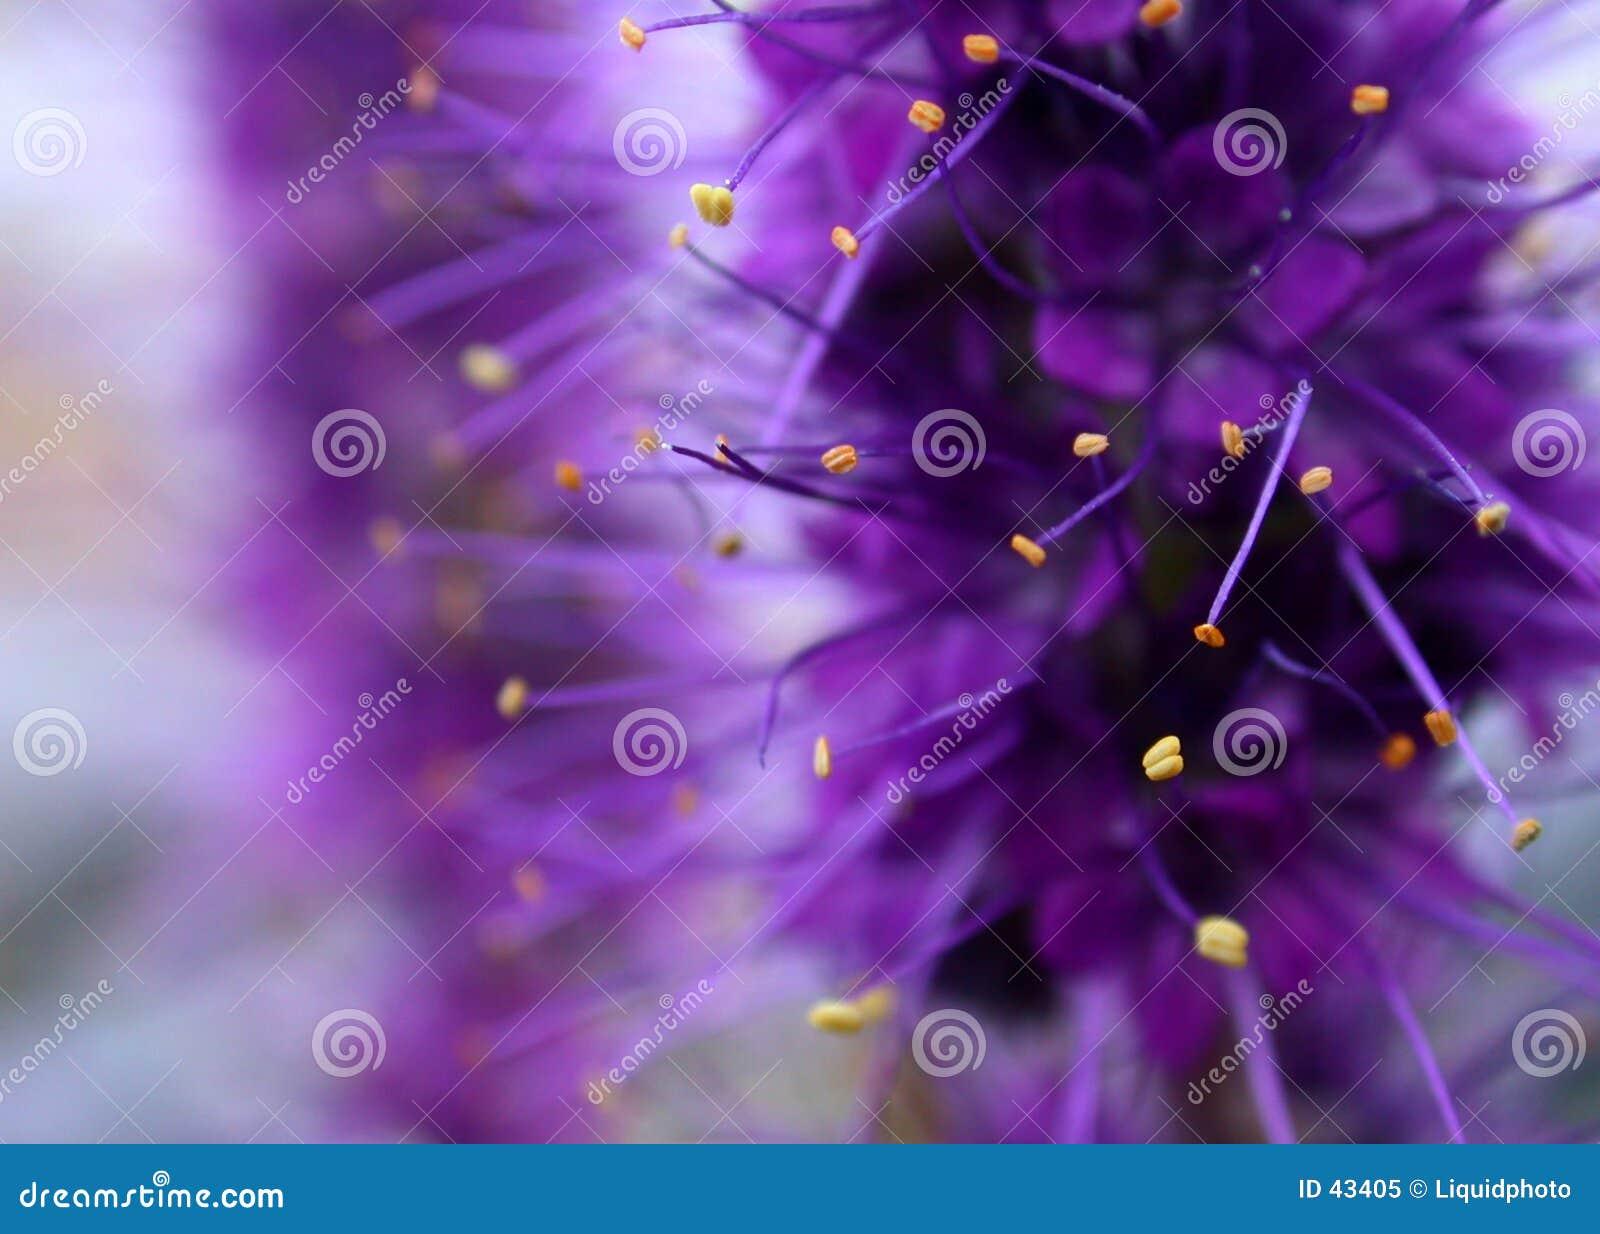 Download Fondo púrpura de la flor imagen de archivo. Imagen de color - 43405